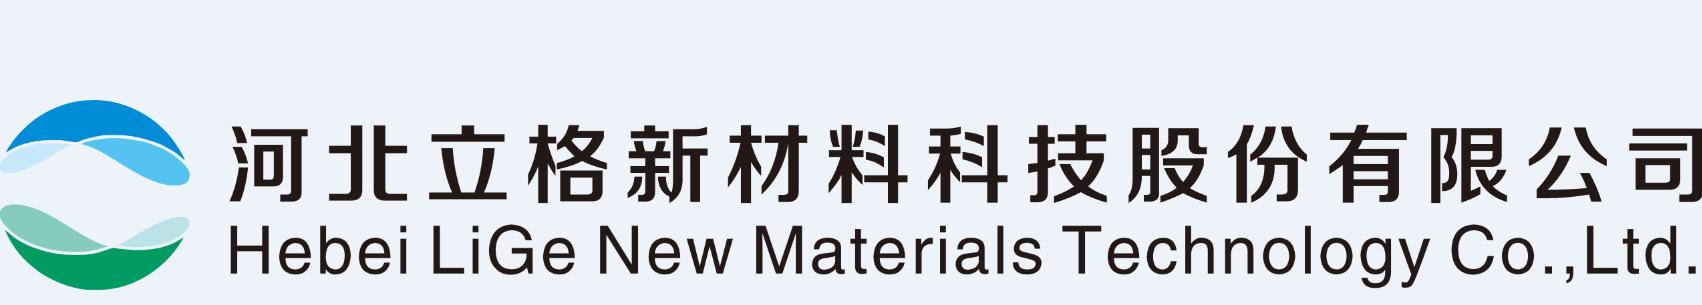 河北立格新材料科技股份有限公司